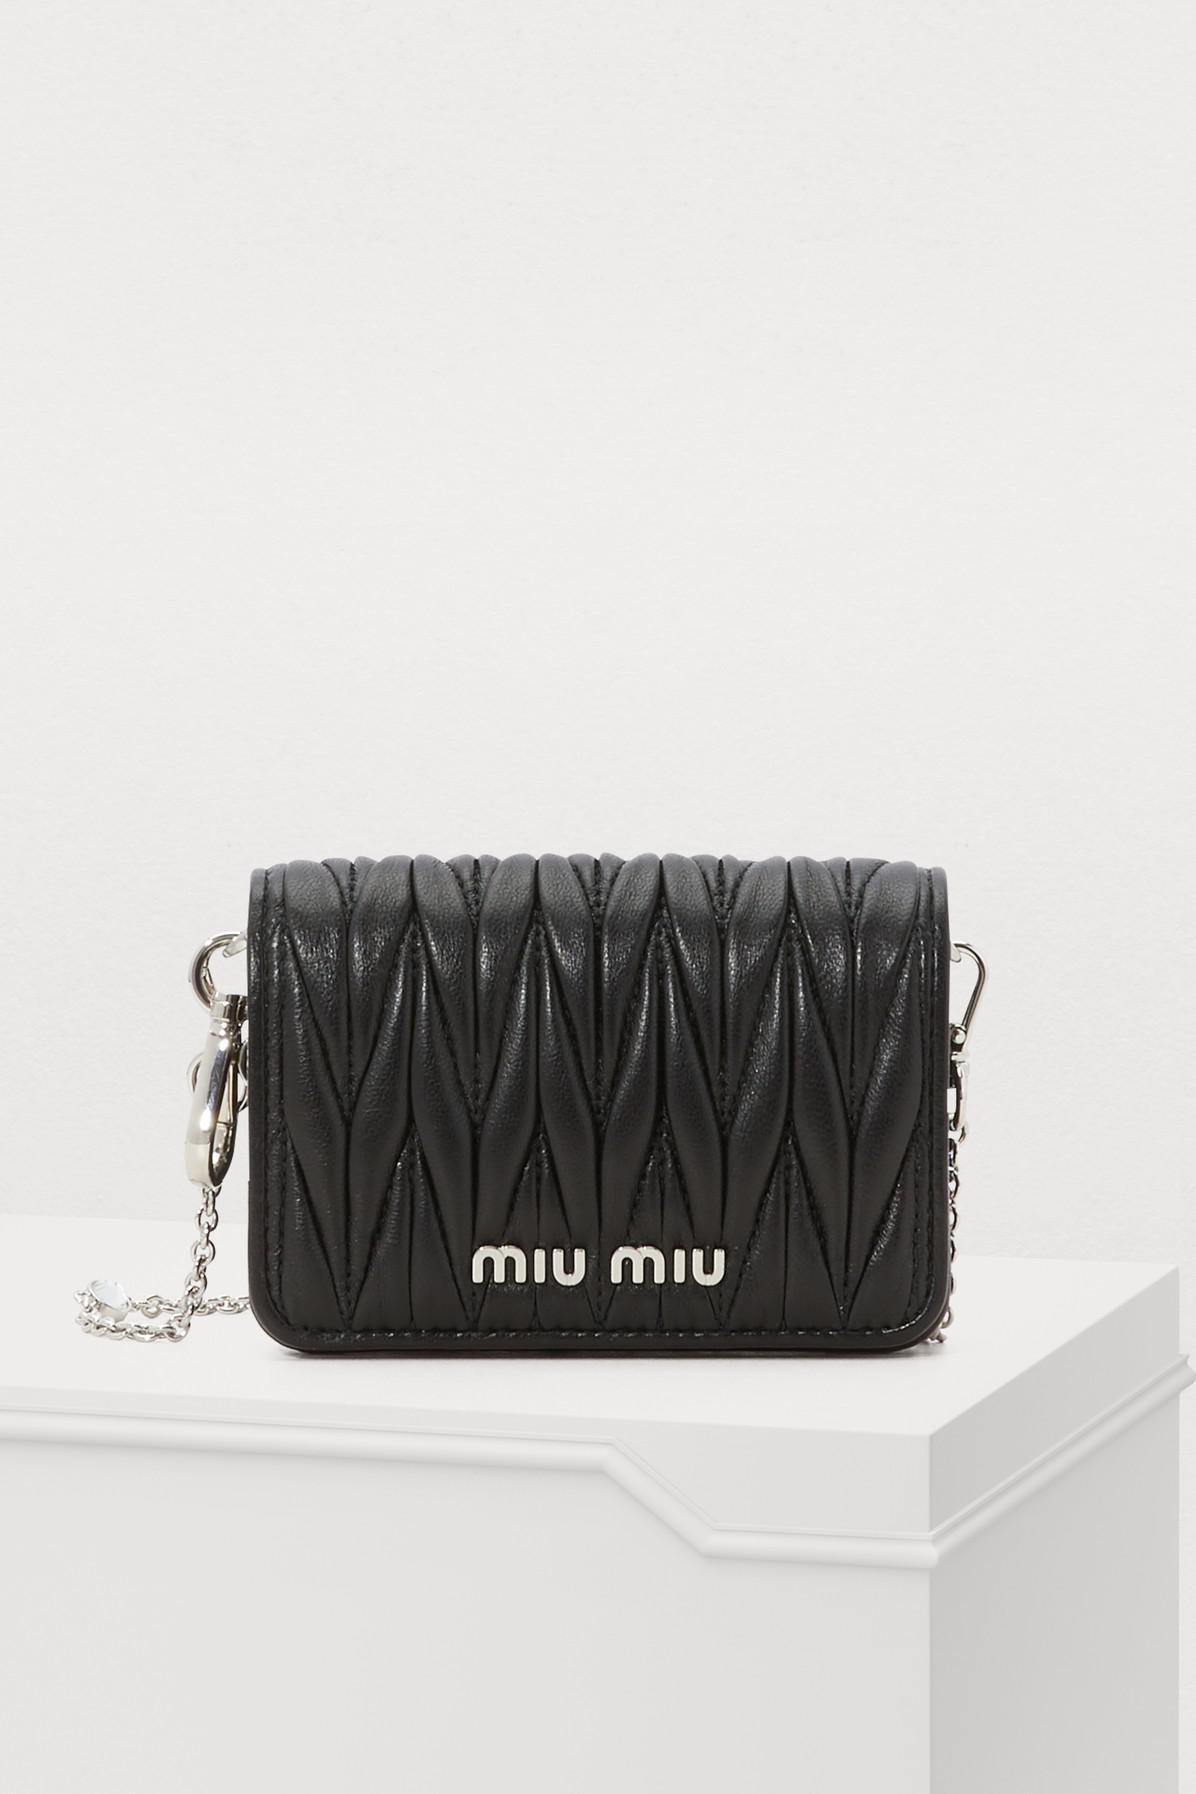 87086e8f693d Lyst - Miu Miu Small Wallet On Chain in Black